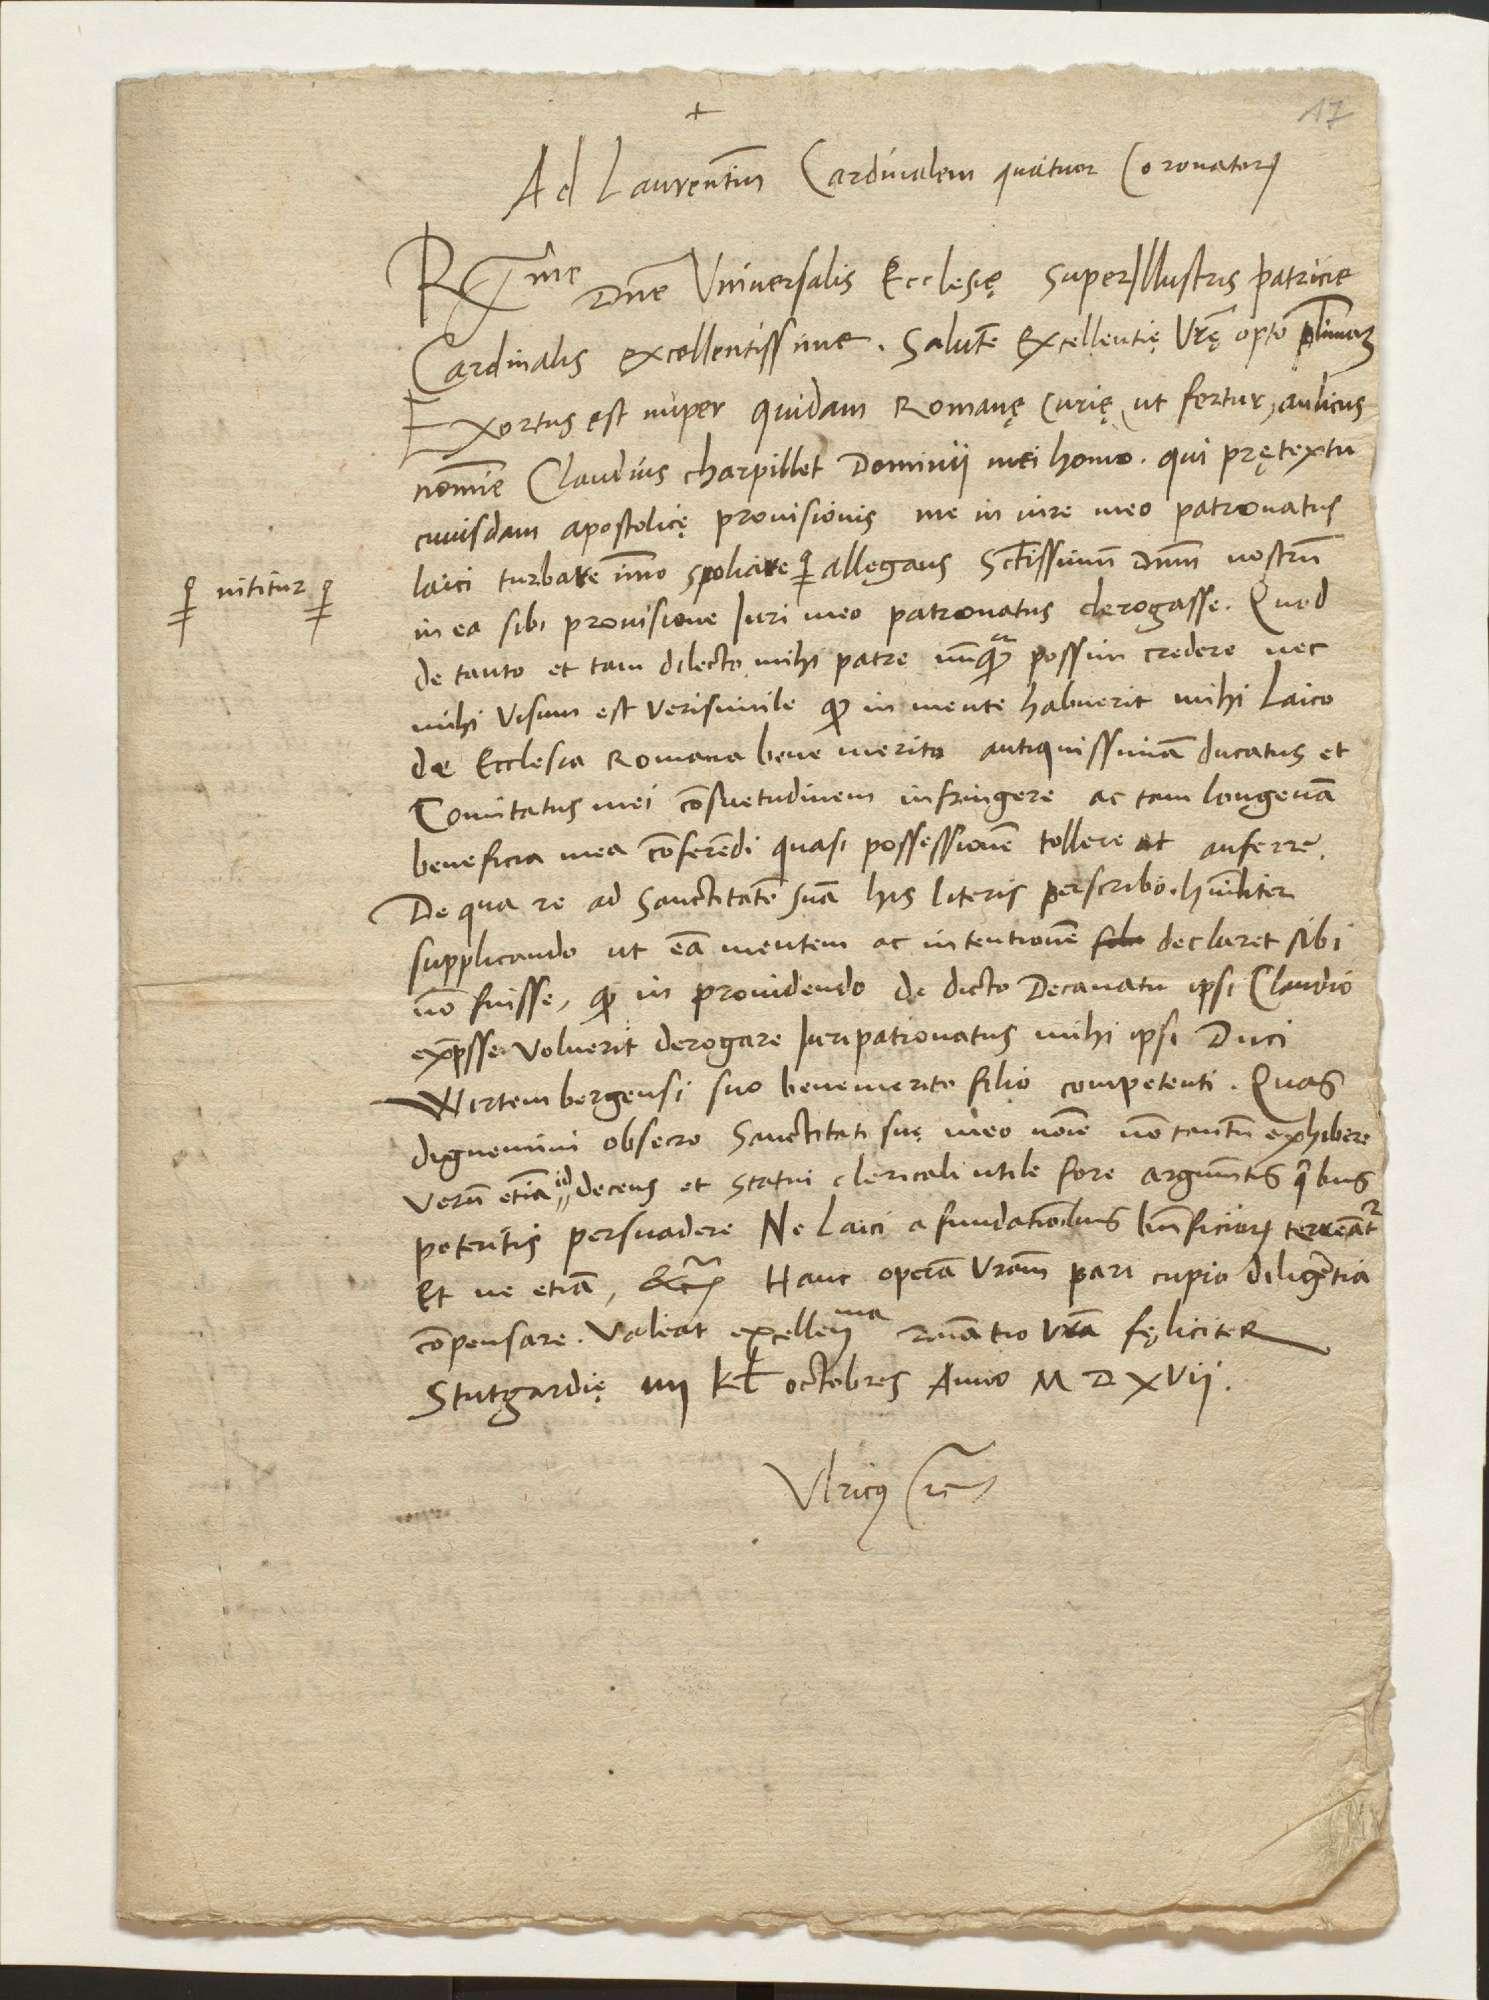 Auseinandersetzung mit Dietrich Späth, Auseinandersetzung um Patronatsrechte mit Papst Leo X, Bild 2